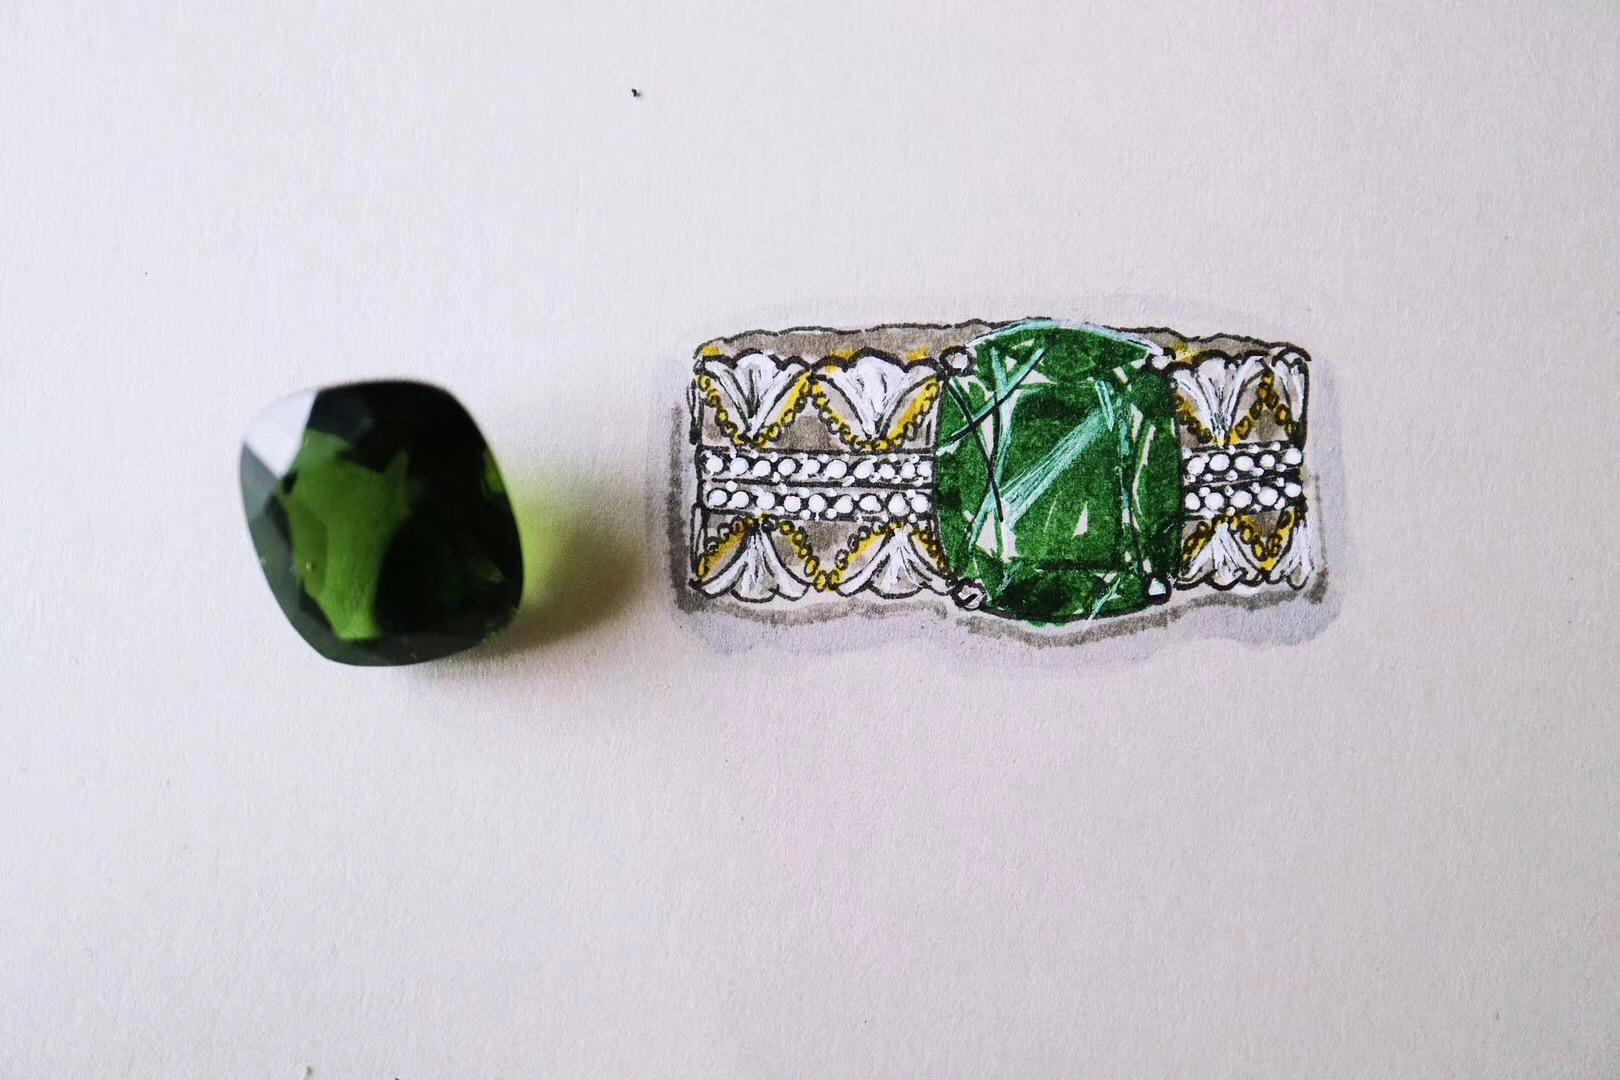 【菩心-捷克陨石、红纹石】是海棠依旧还是绿肥红瘦?-菩心晶舍